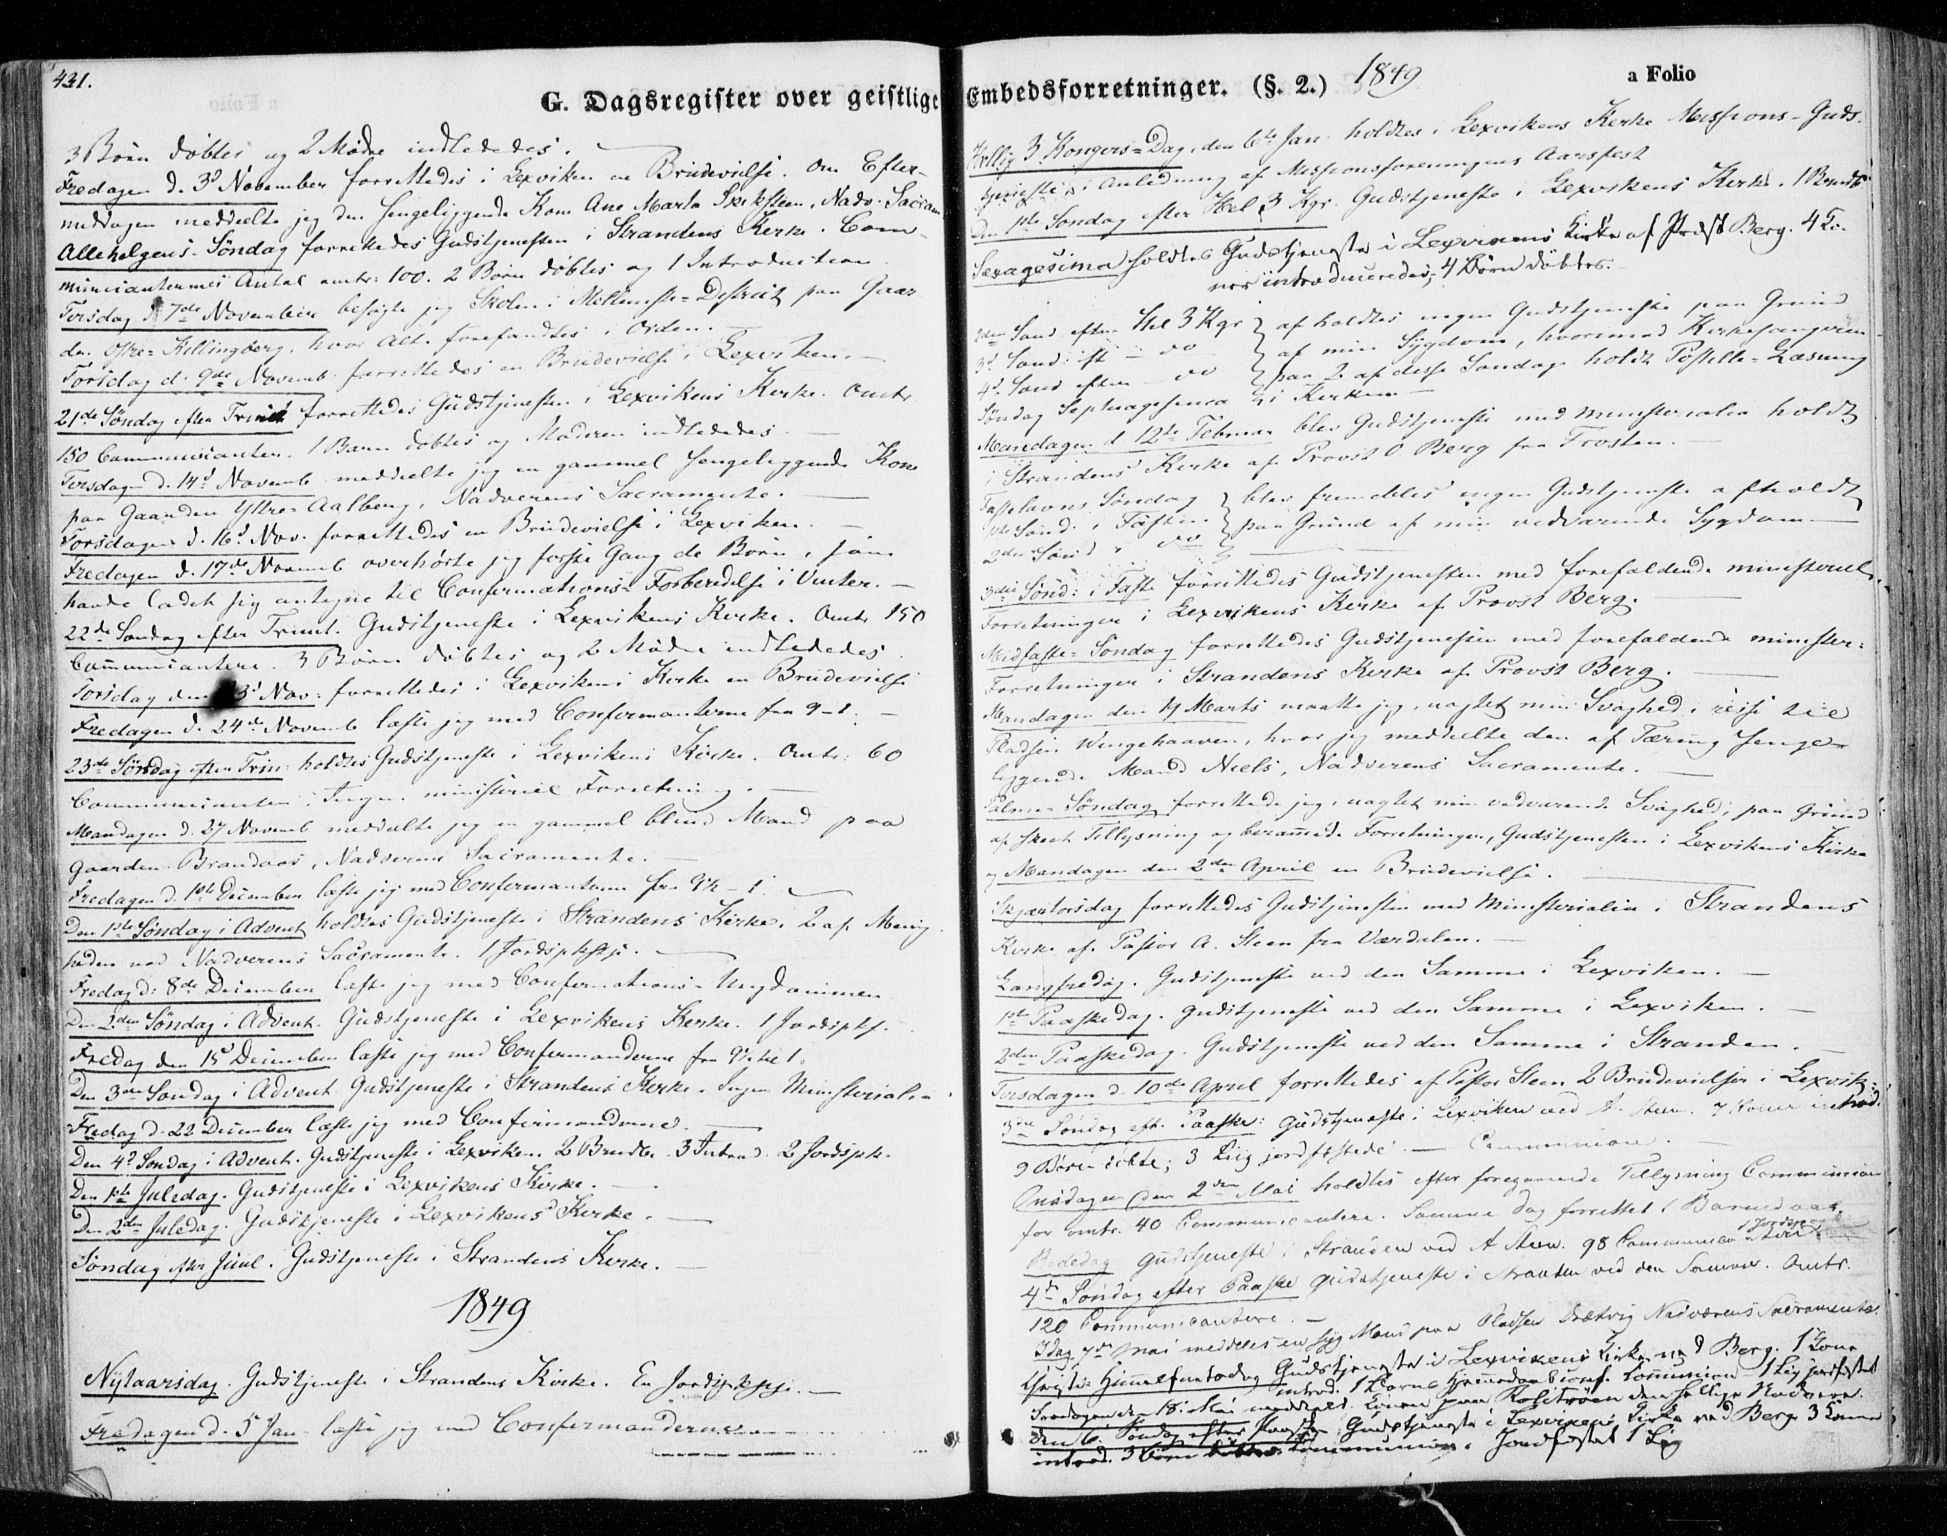 SAT, Ministerialprotokoller, klokkerbøker og fødselsregistre - Nord-Trøndelag, 701/L0007: Ministerialbok nr. 701A07 /1, 1842-1854, s. 431